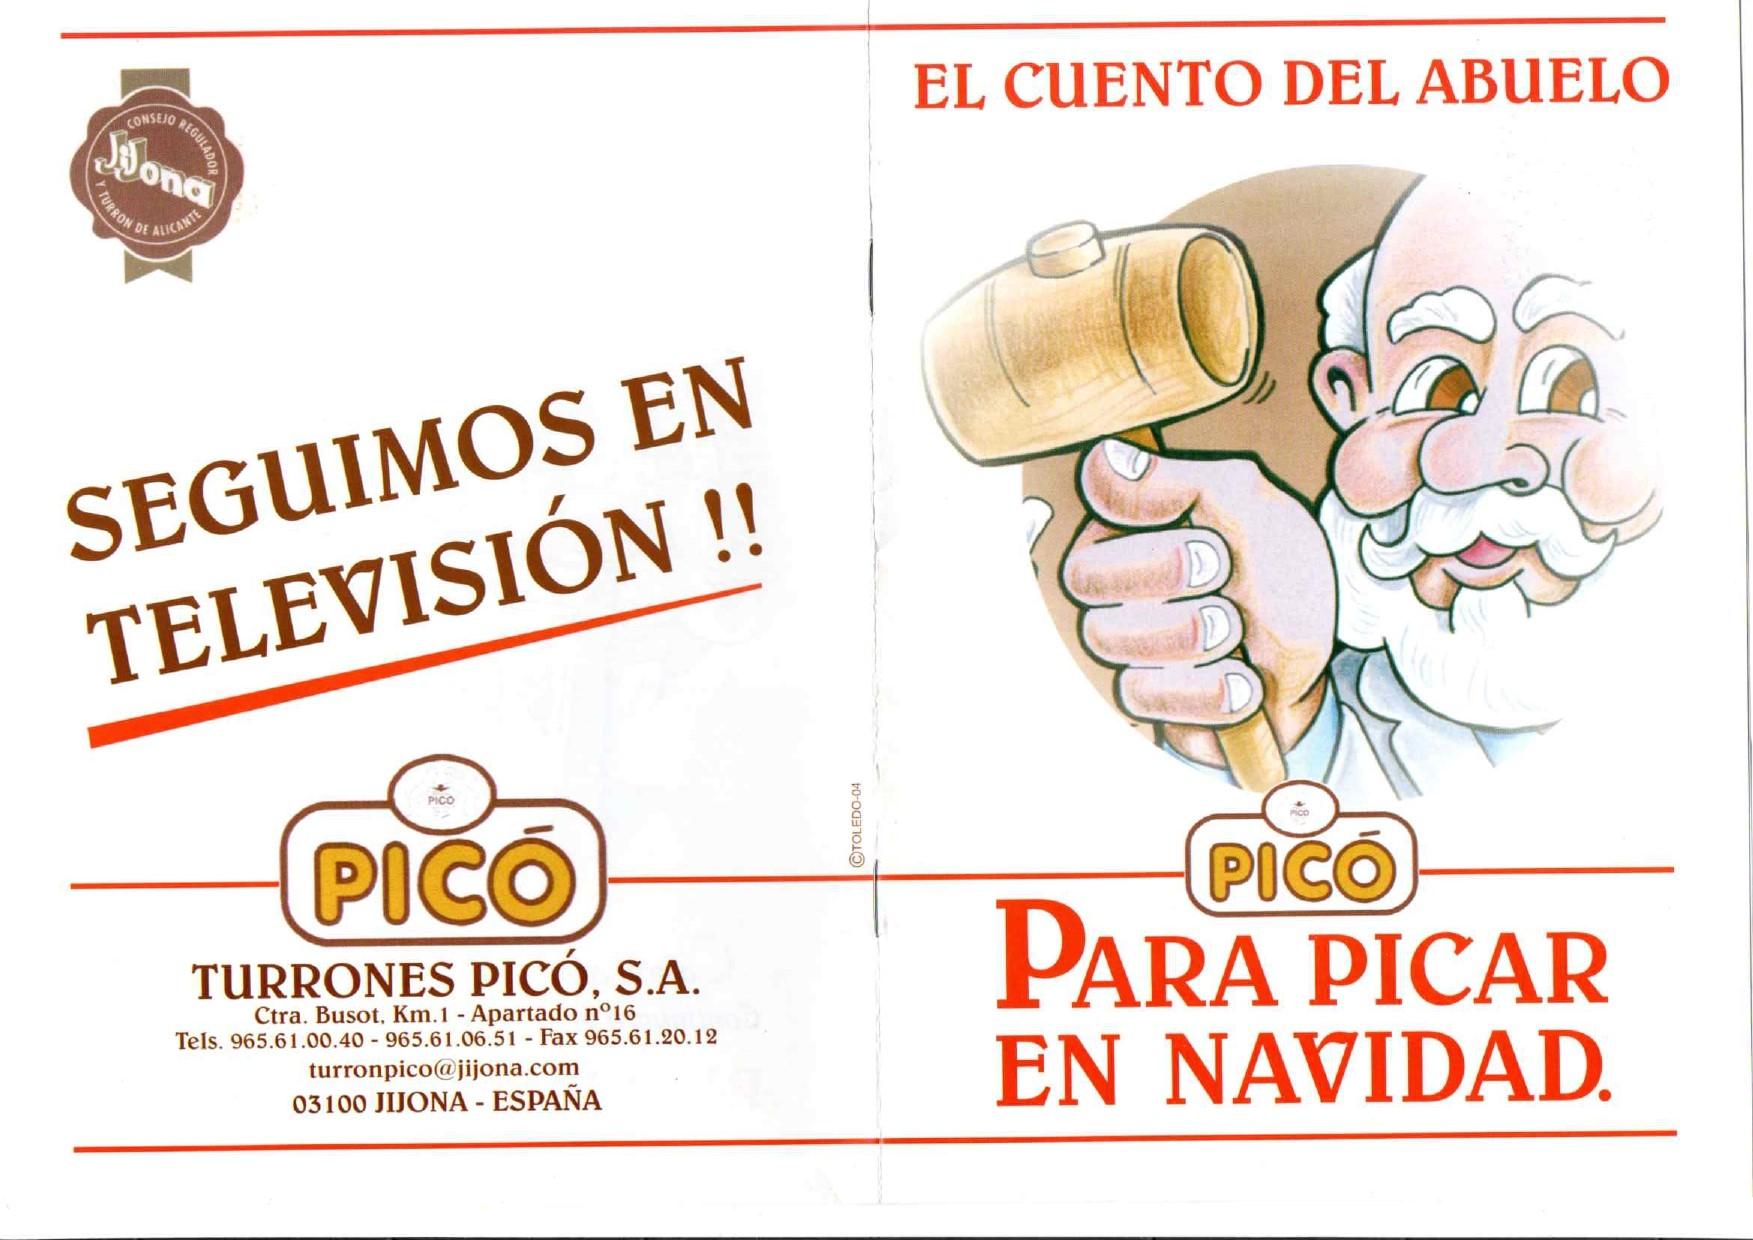 Portada y contraportada del cuento del abuelo Picó